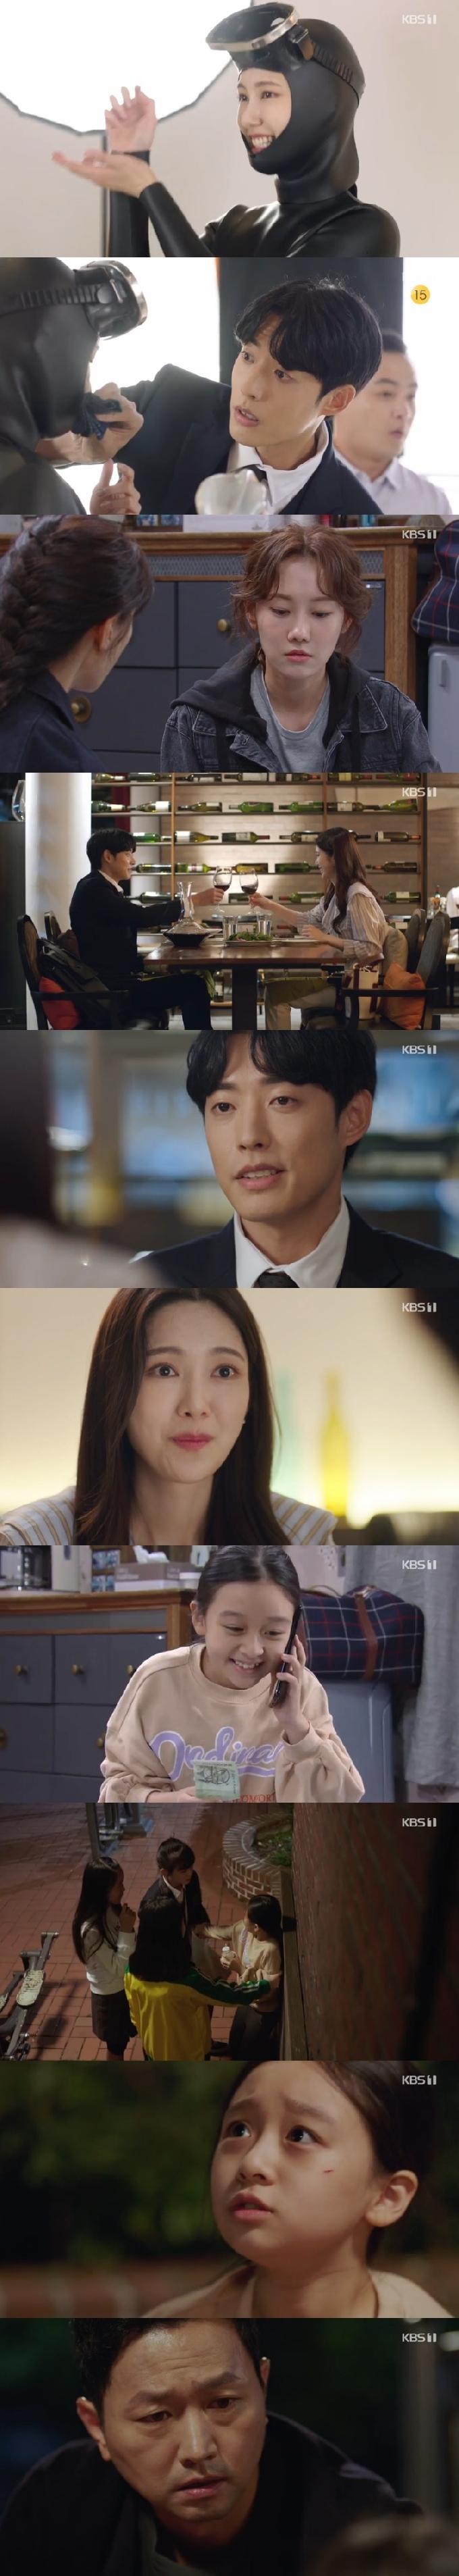 '누가 뭐래도' 나혜미X정헌 핑크빛 기류…김유석, 김하연 구했다(종합)